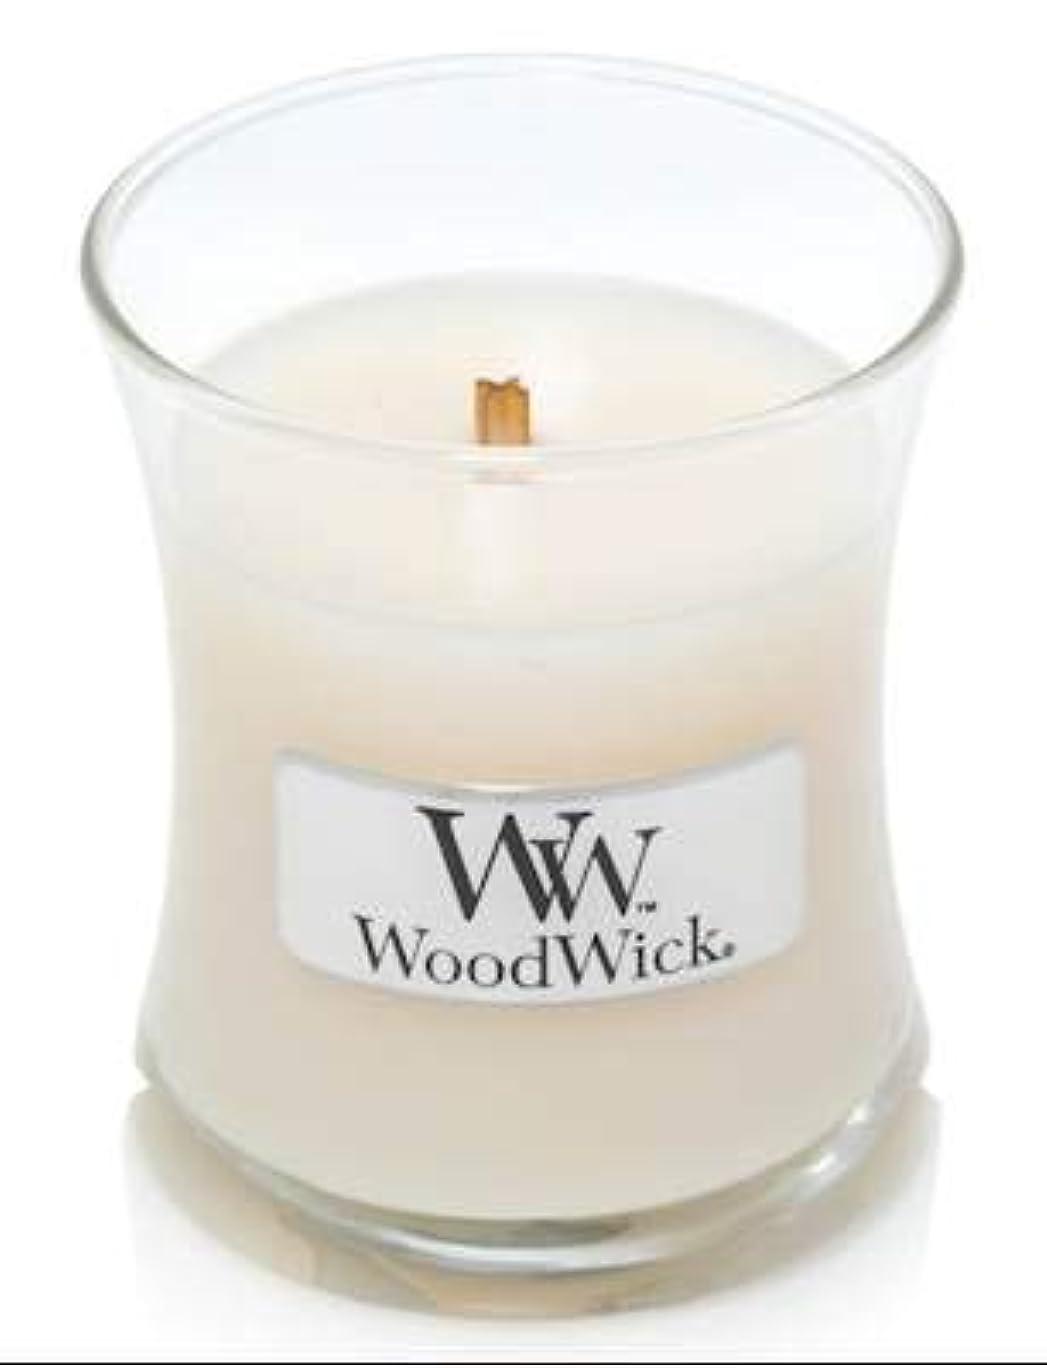 繰り返したすごいテンポWoodWick ホワイトハニーミニ砂時計香り付きジャーキャンドル